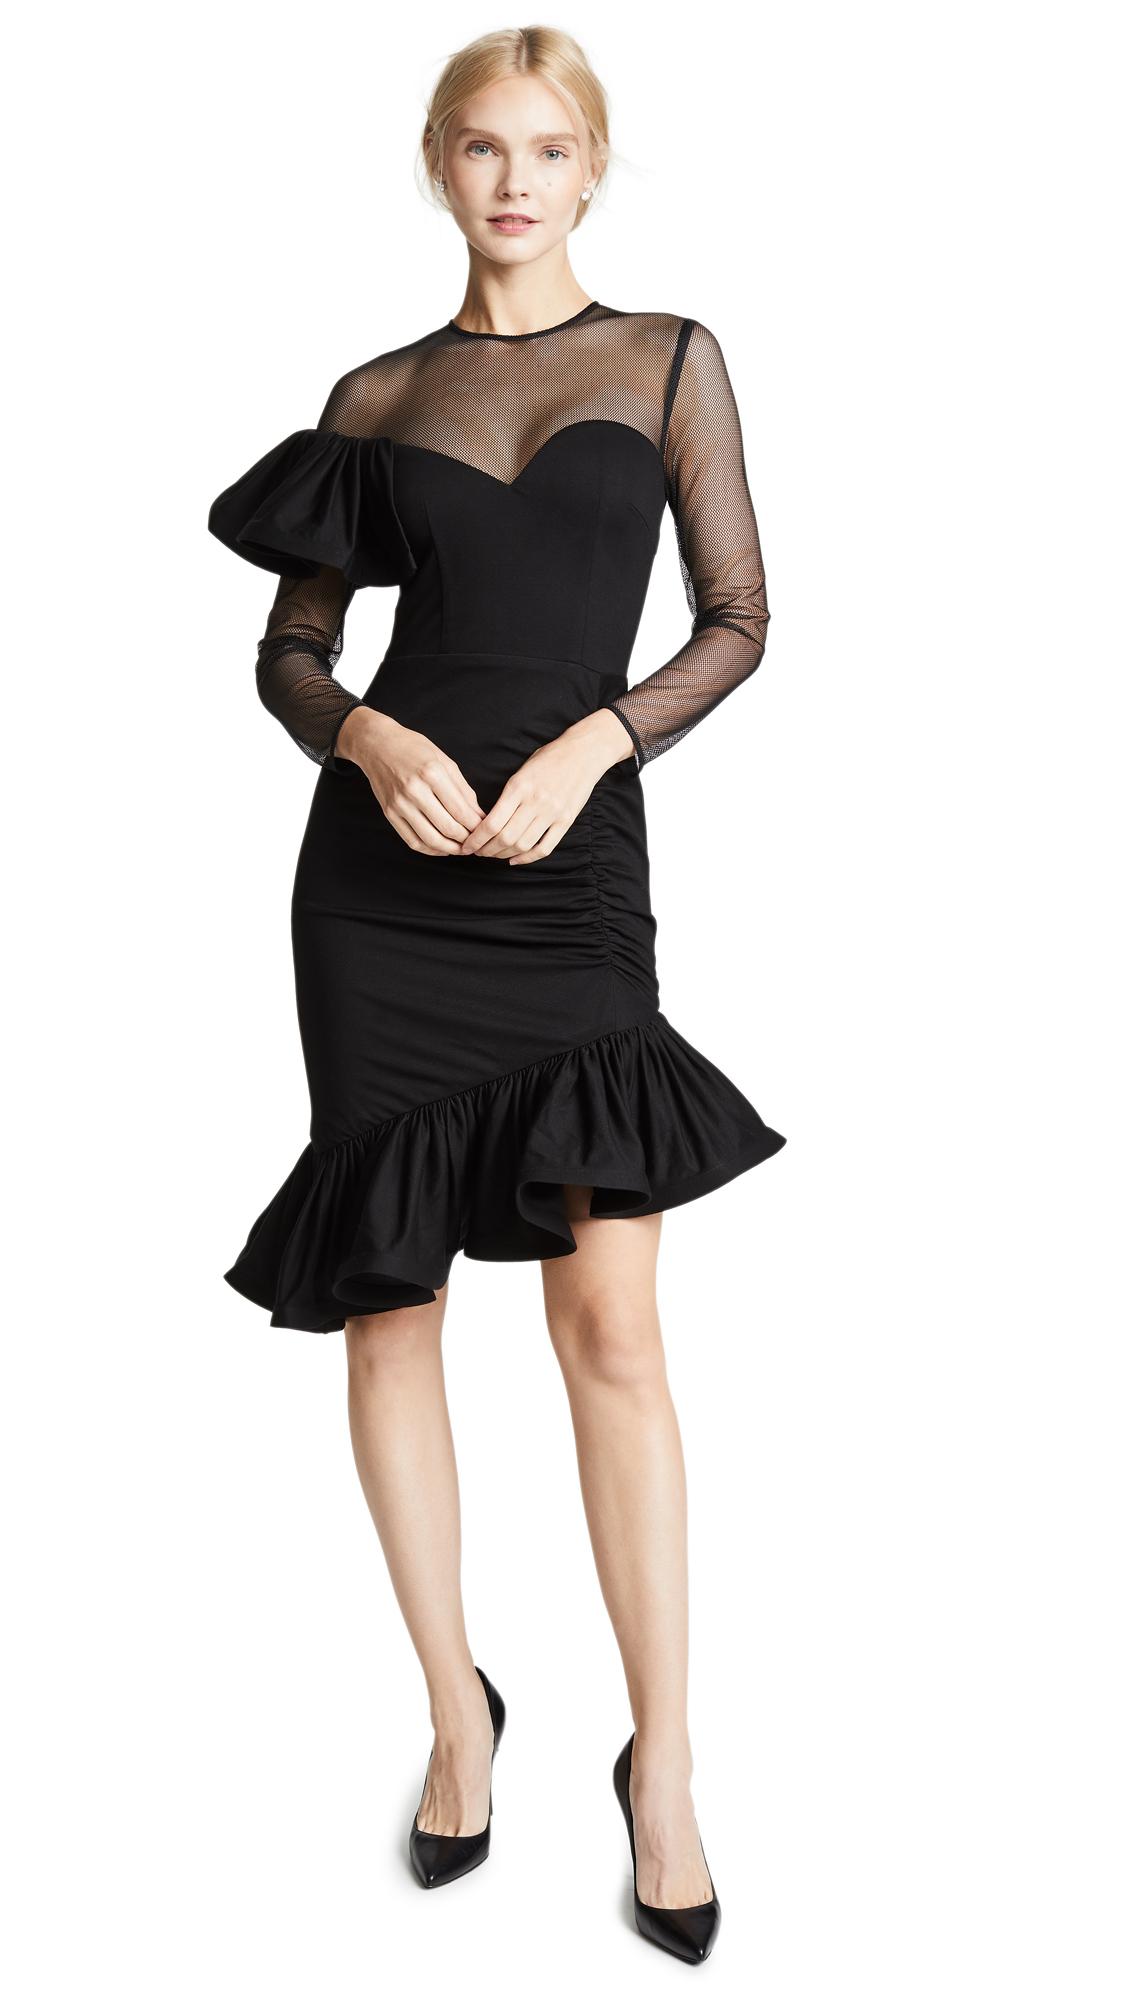 VATANIKA Mesh Ruffle Draped Dress in Black